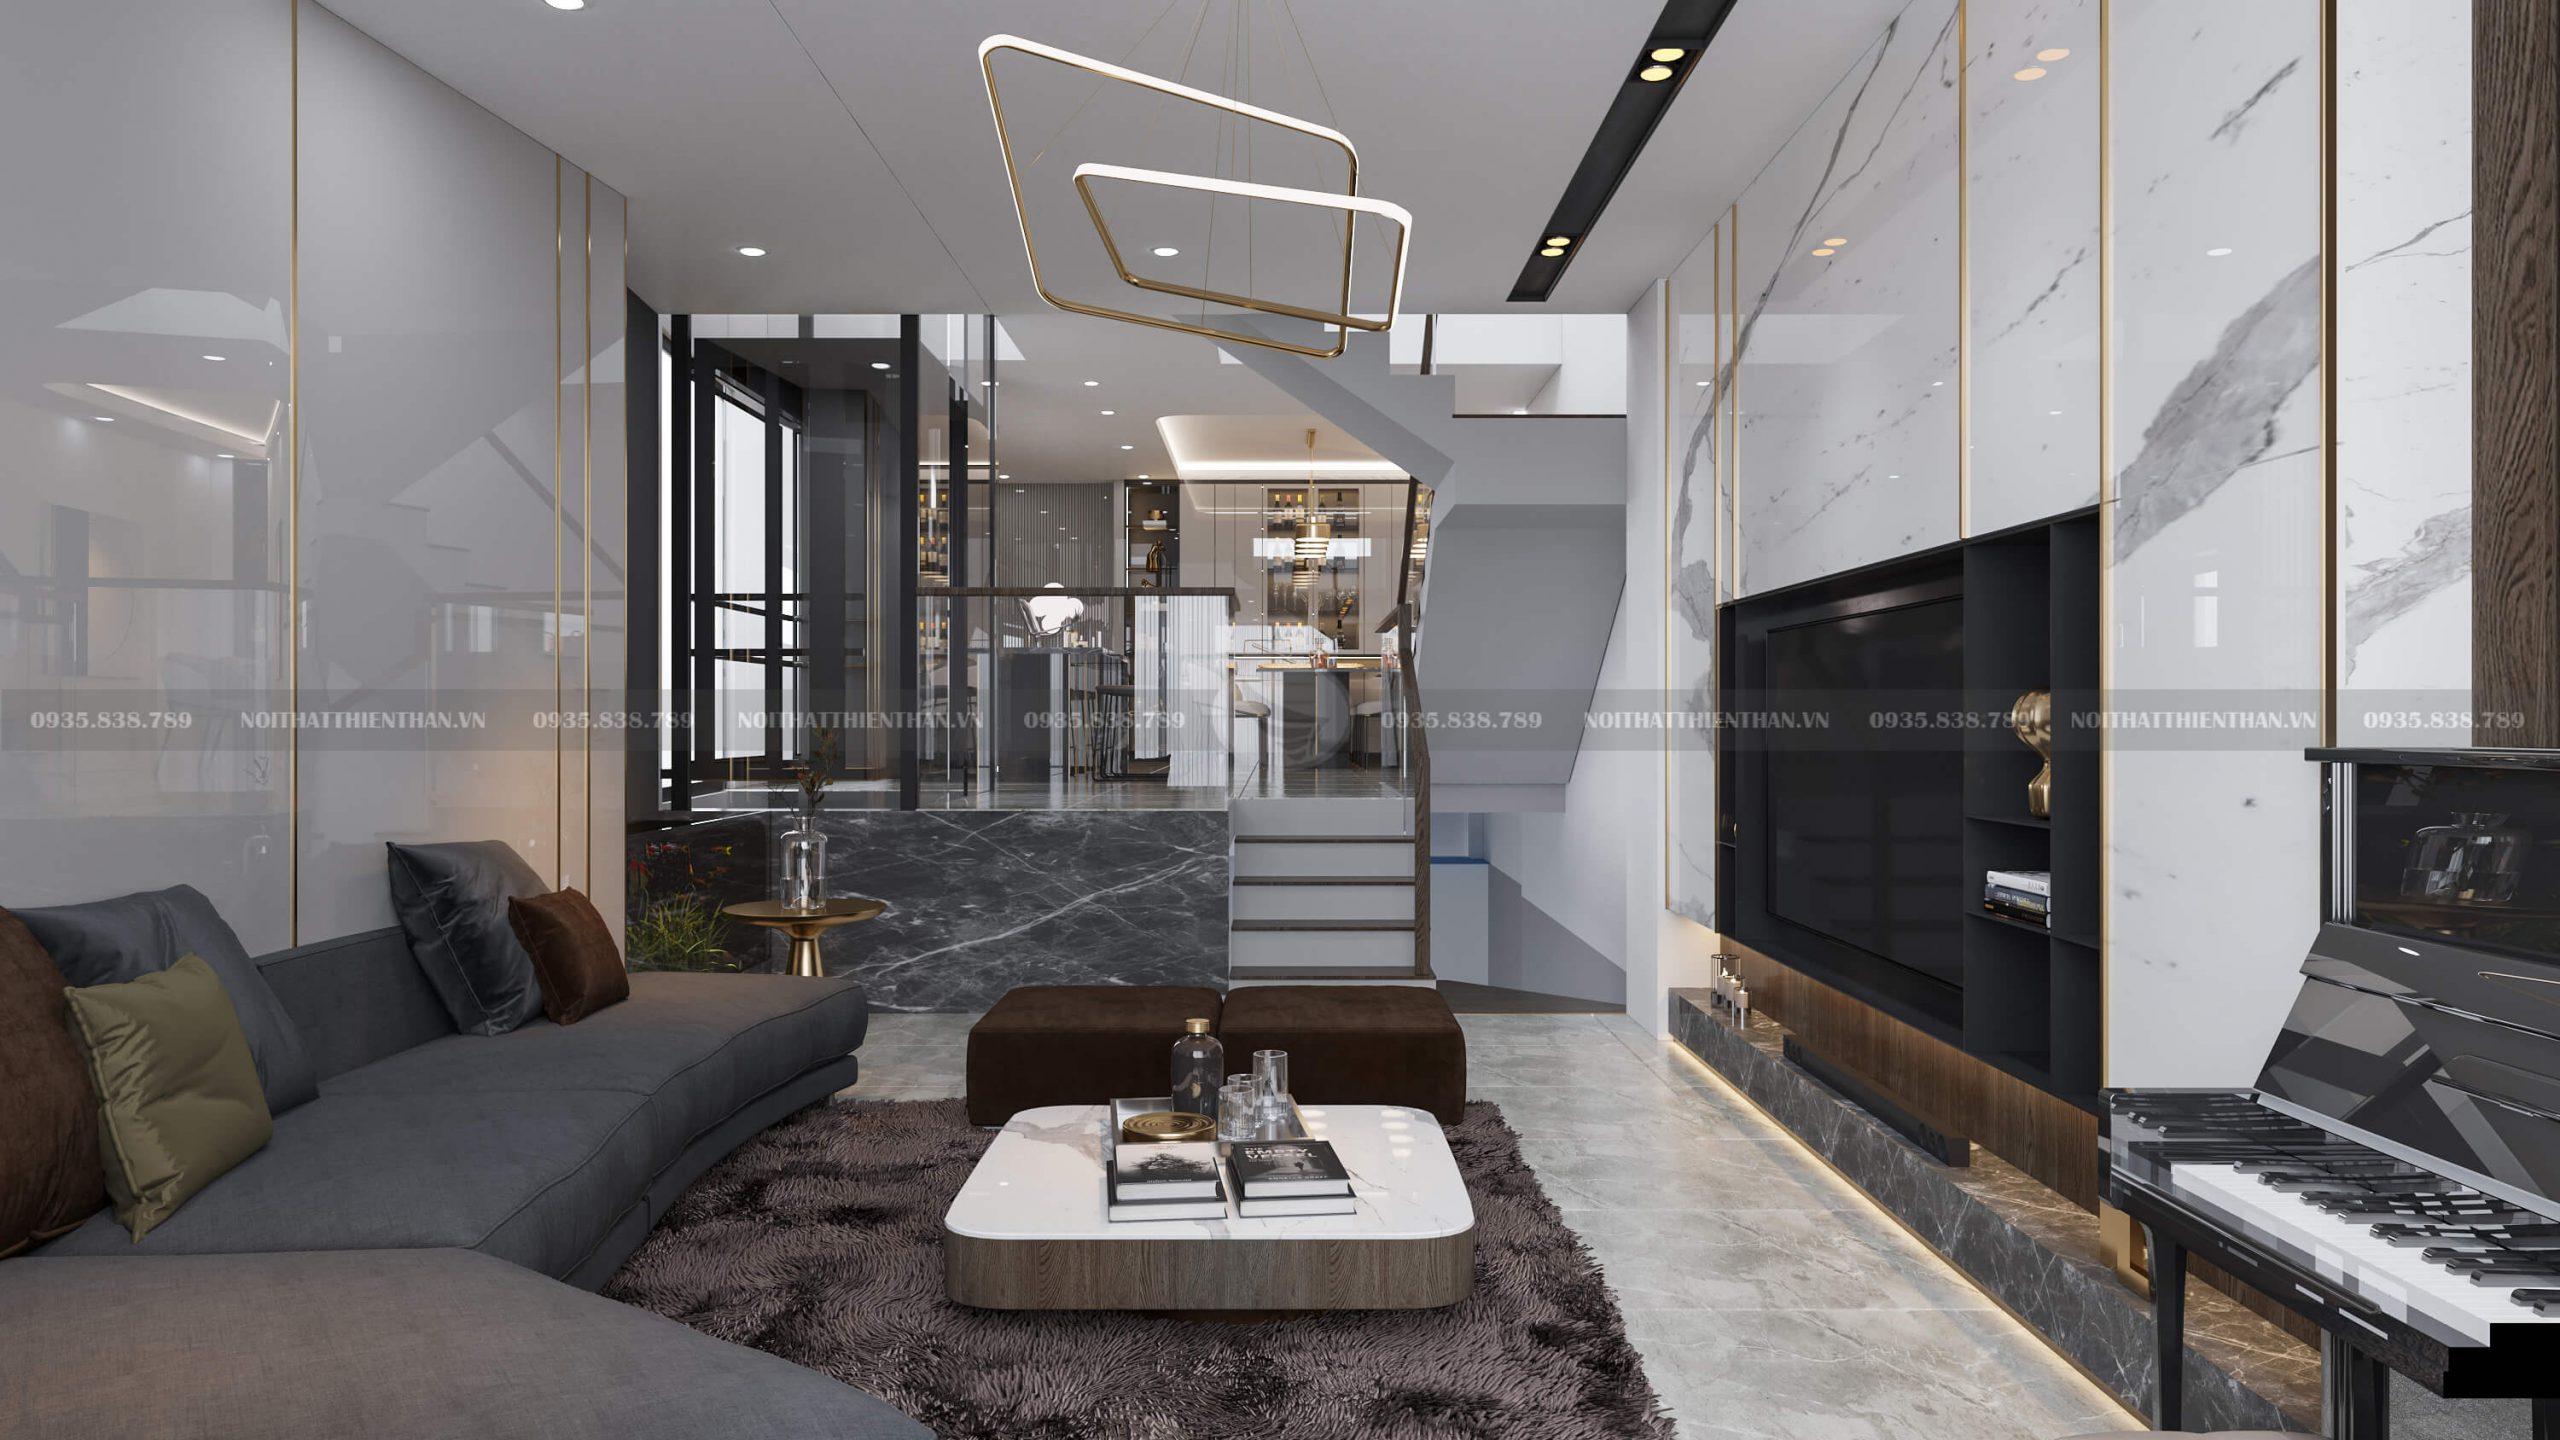 Thiết kế nội thất nhà ống 5 tầng